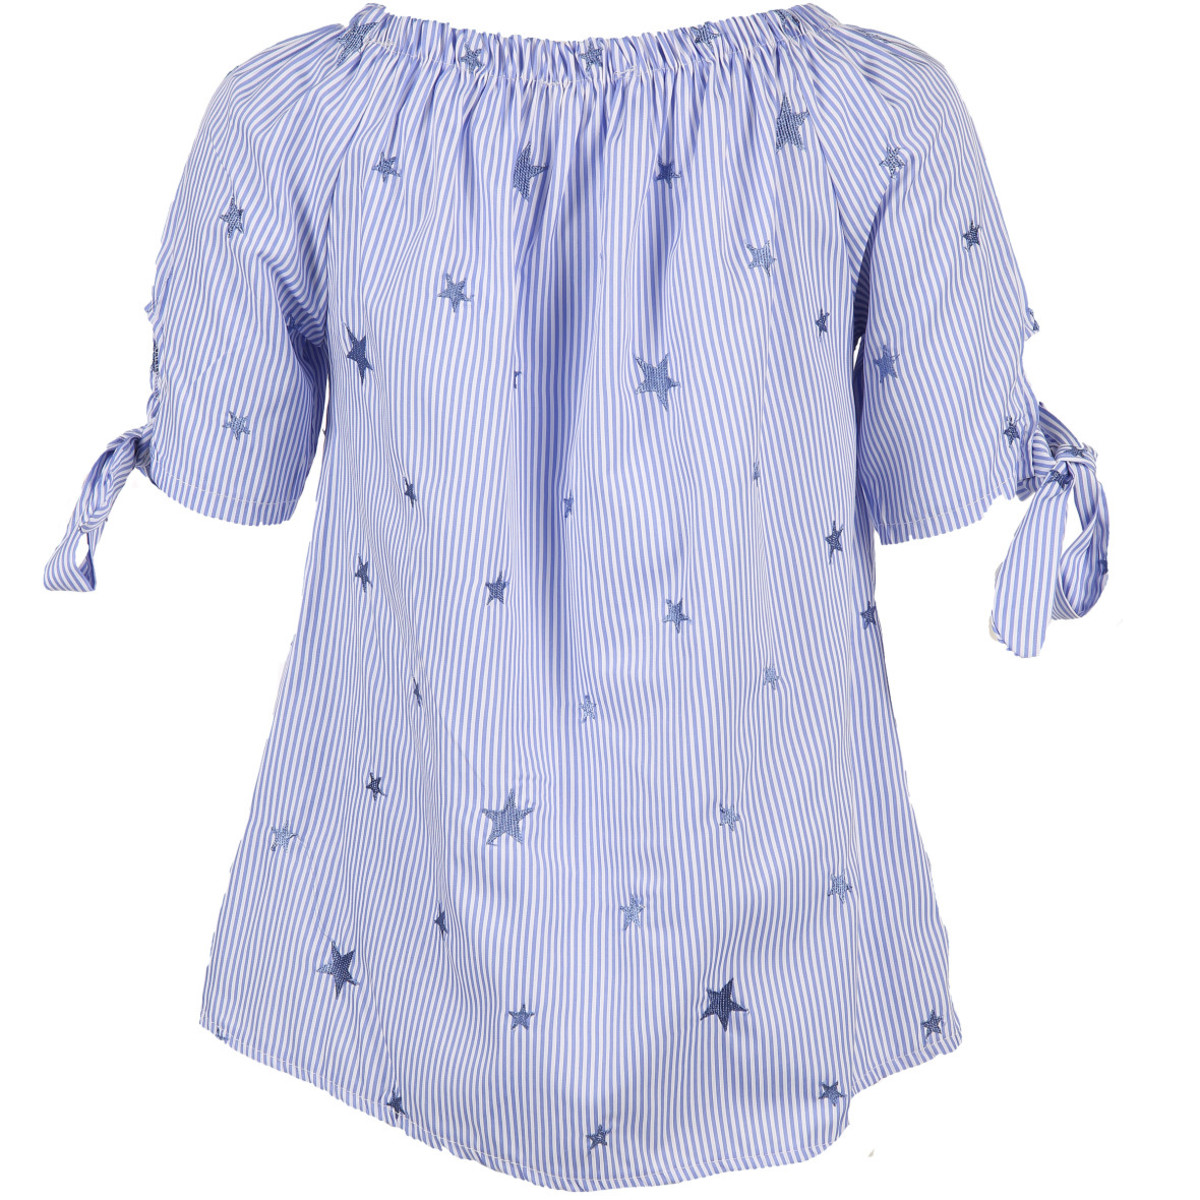 Bild 2 von Damen Carmenbluse mit aufgestickten Sternen